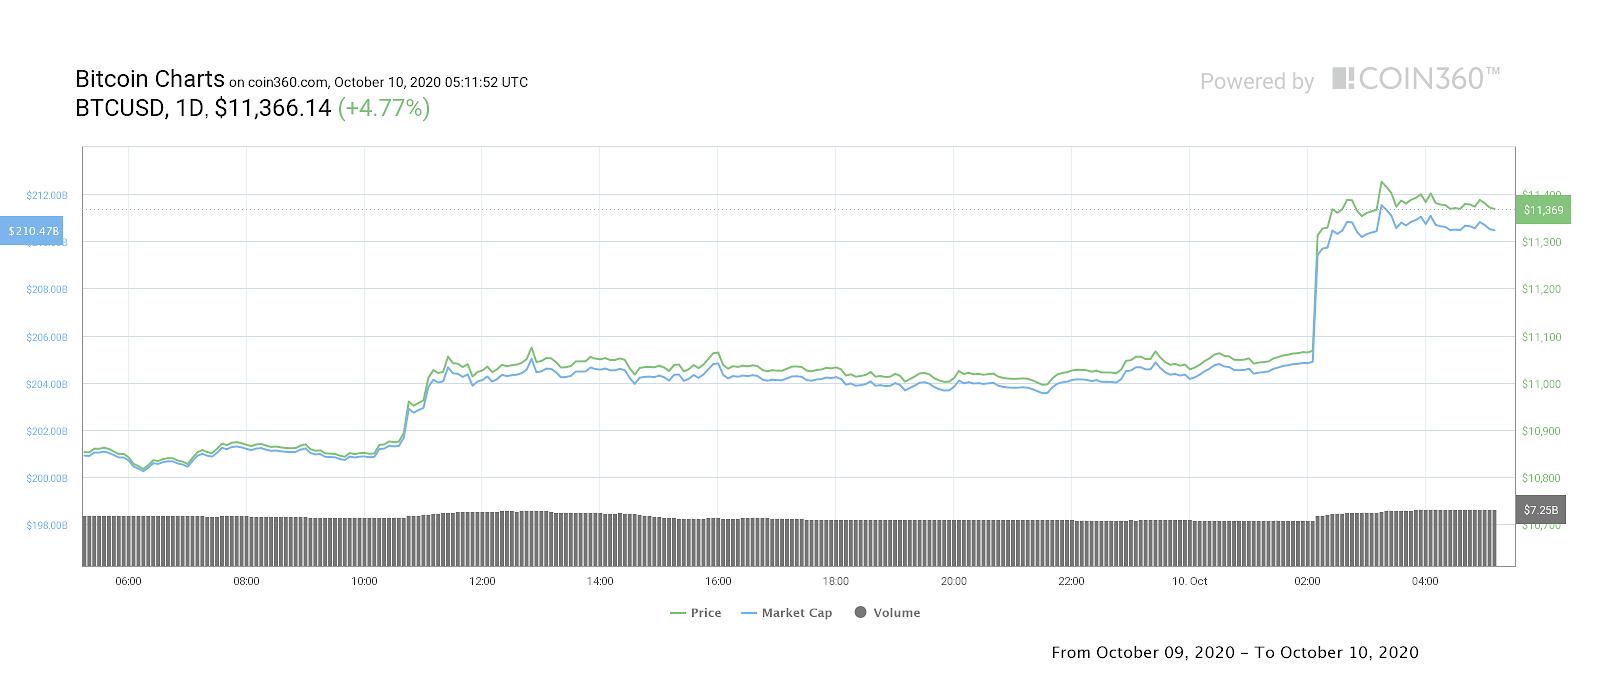 比特币的价格拉升至1.14万美元以上,短期内能否重回1.2万美元?